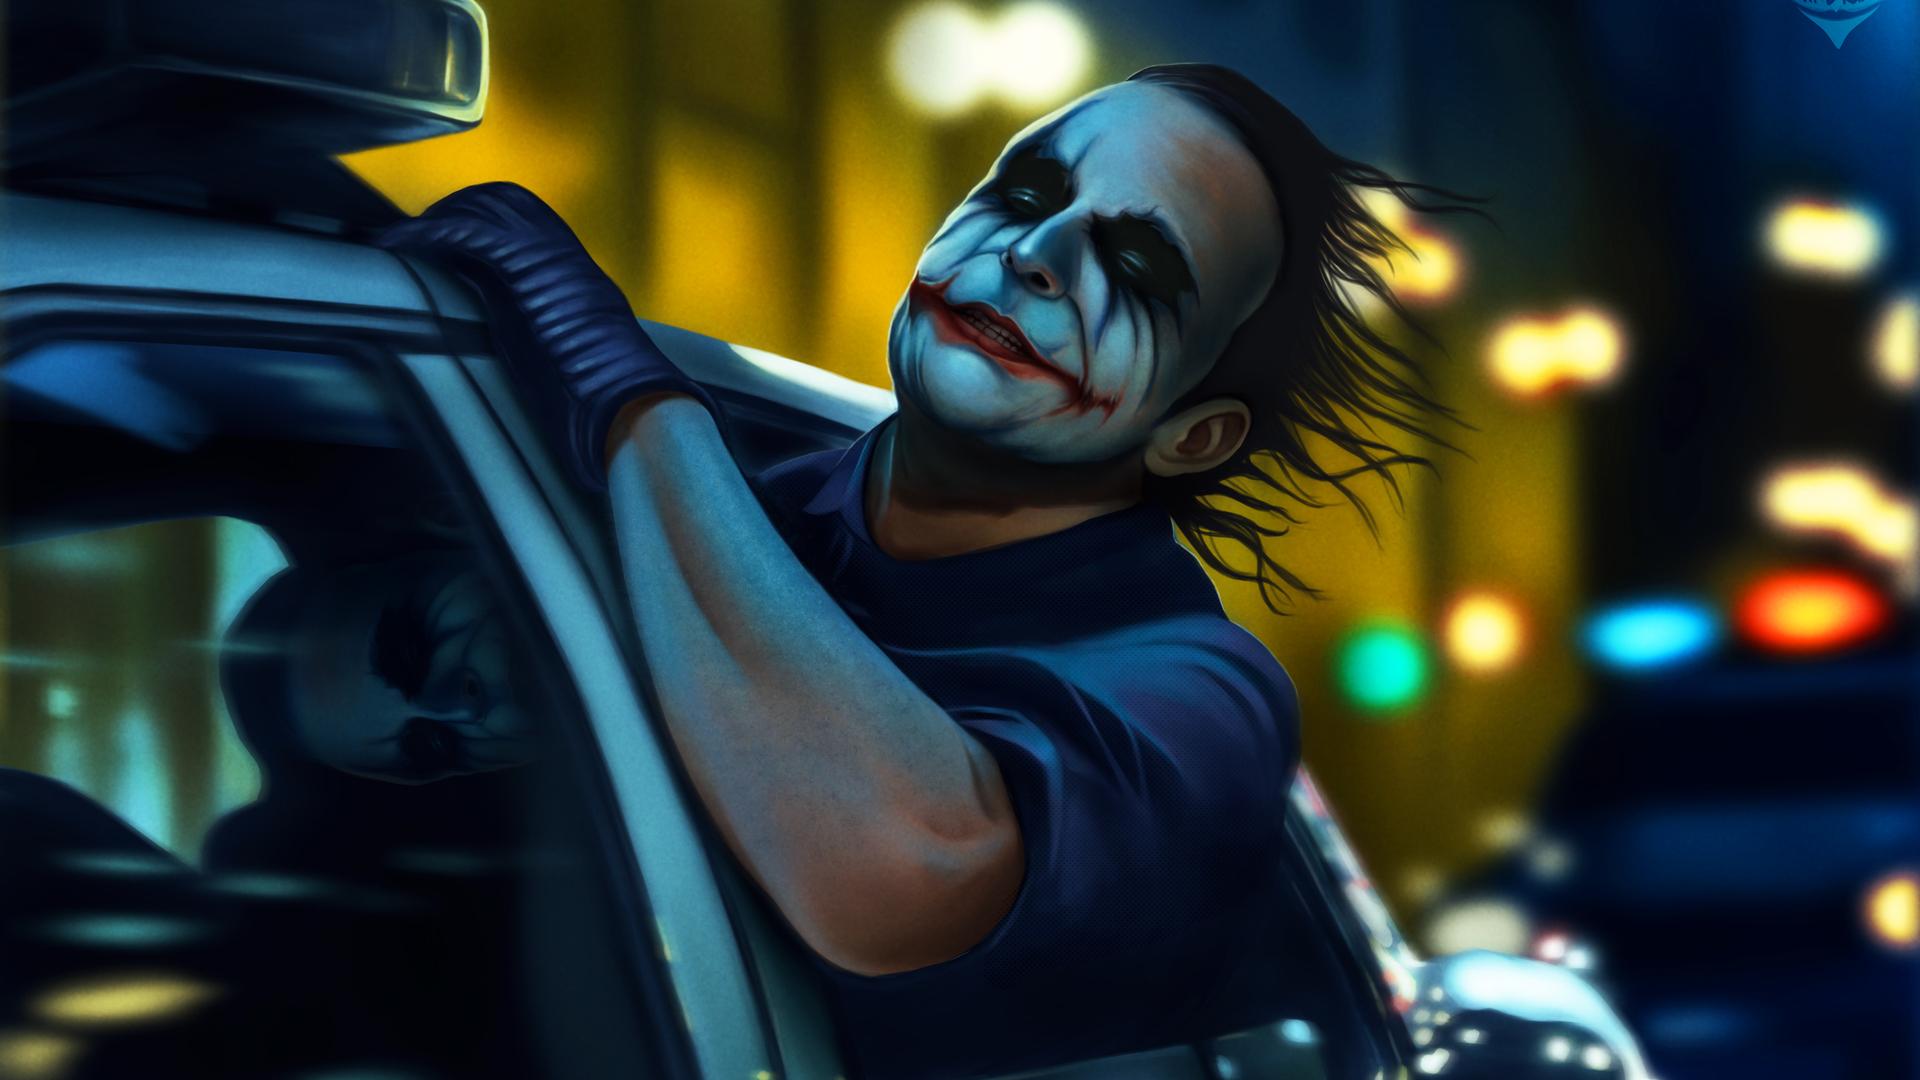 The Joker Hd Wallpaper 1080p Posted By Zoey Peltier